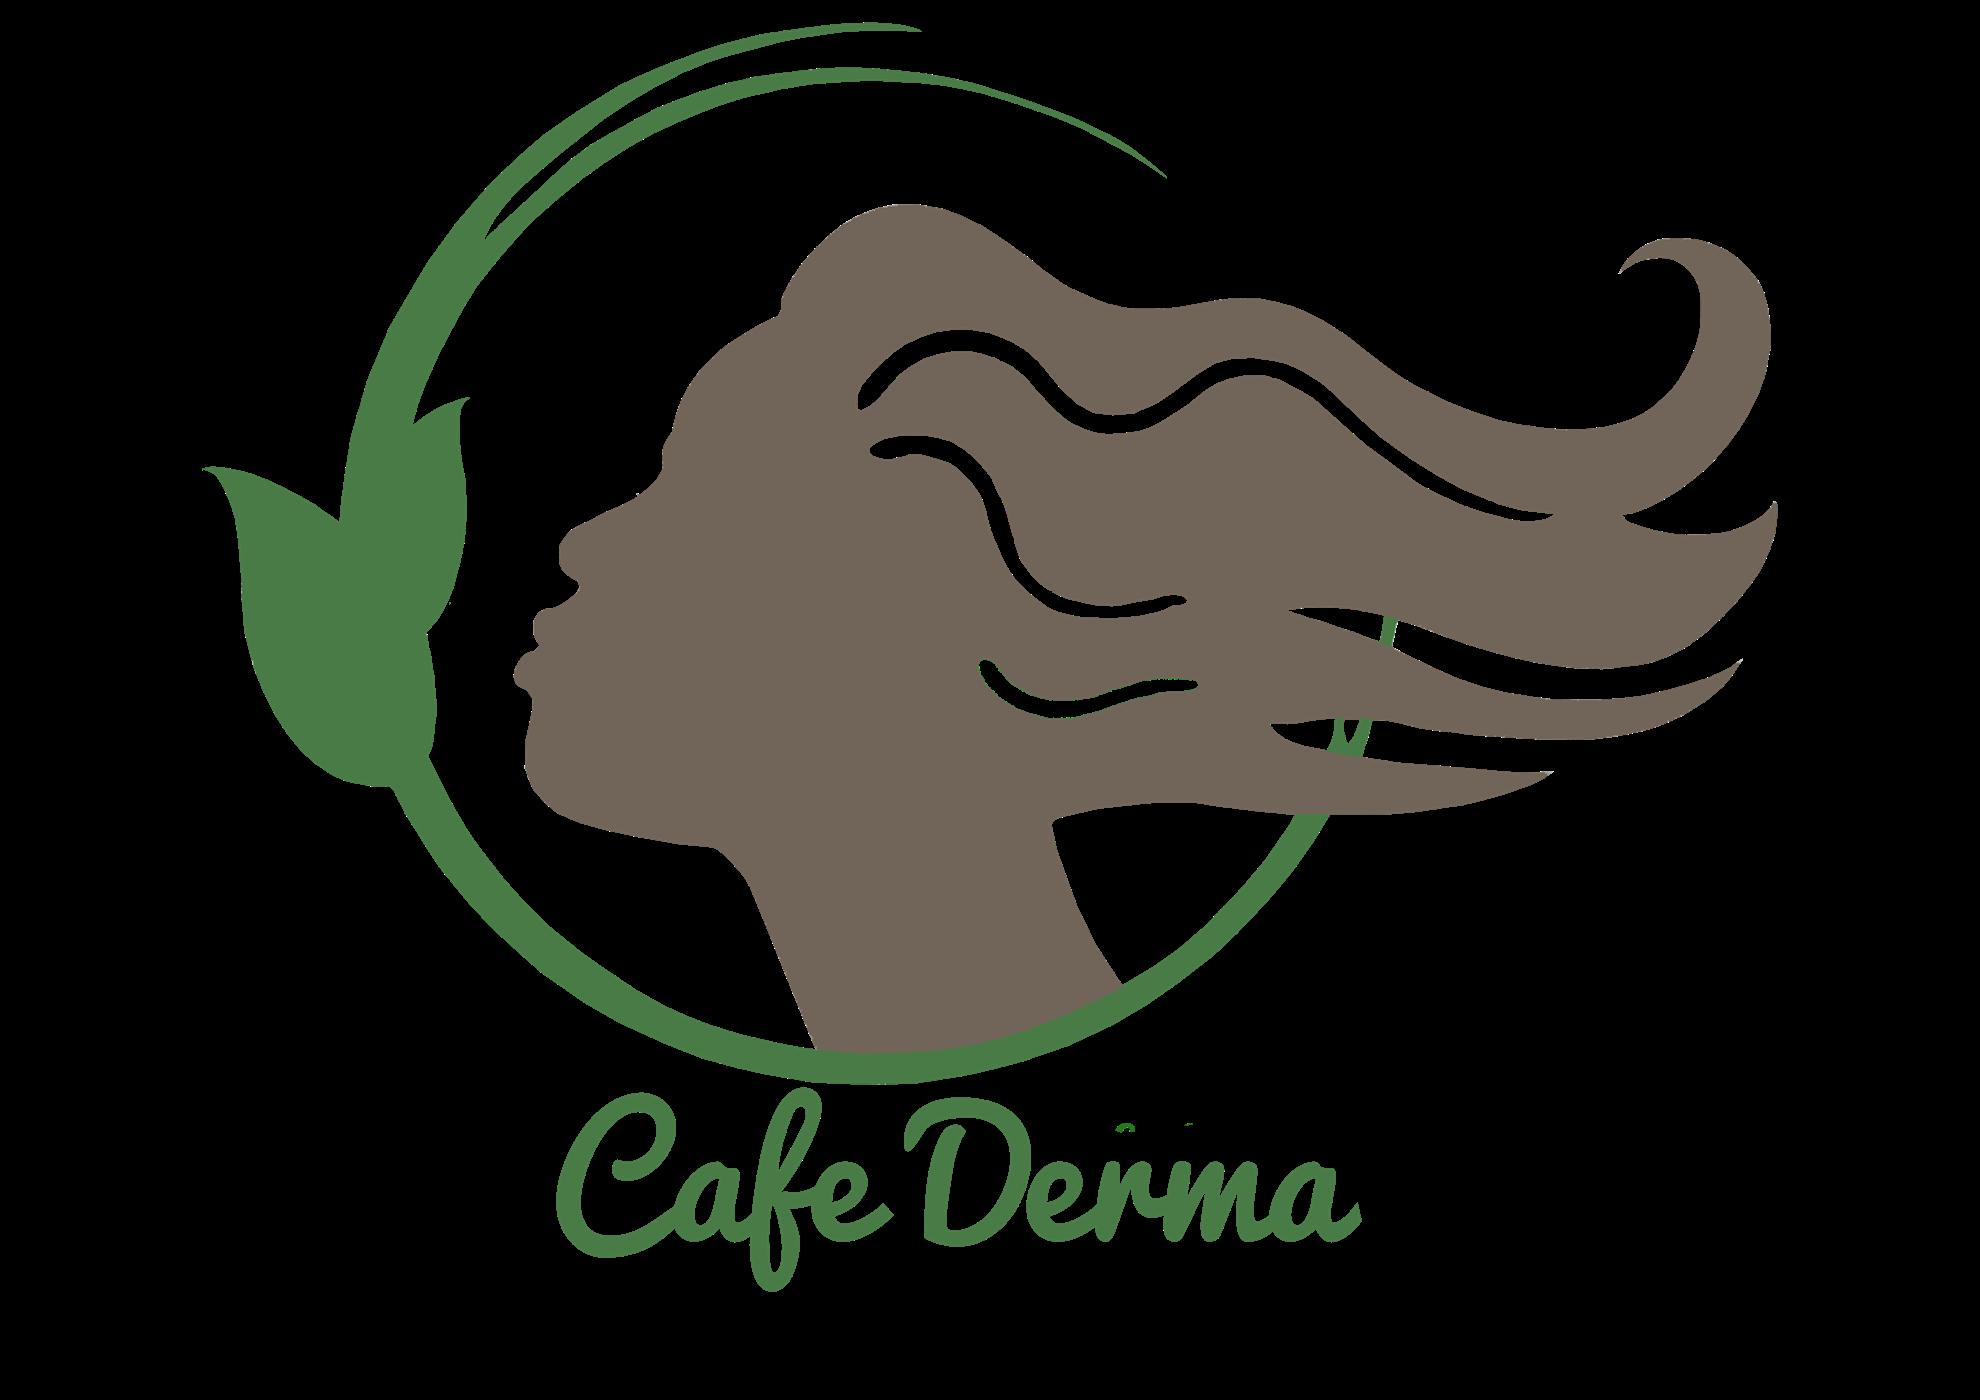 کافه درما